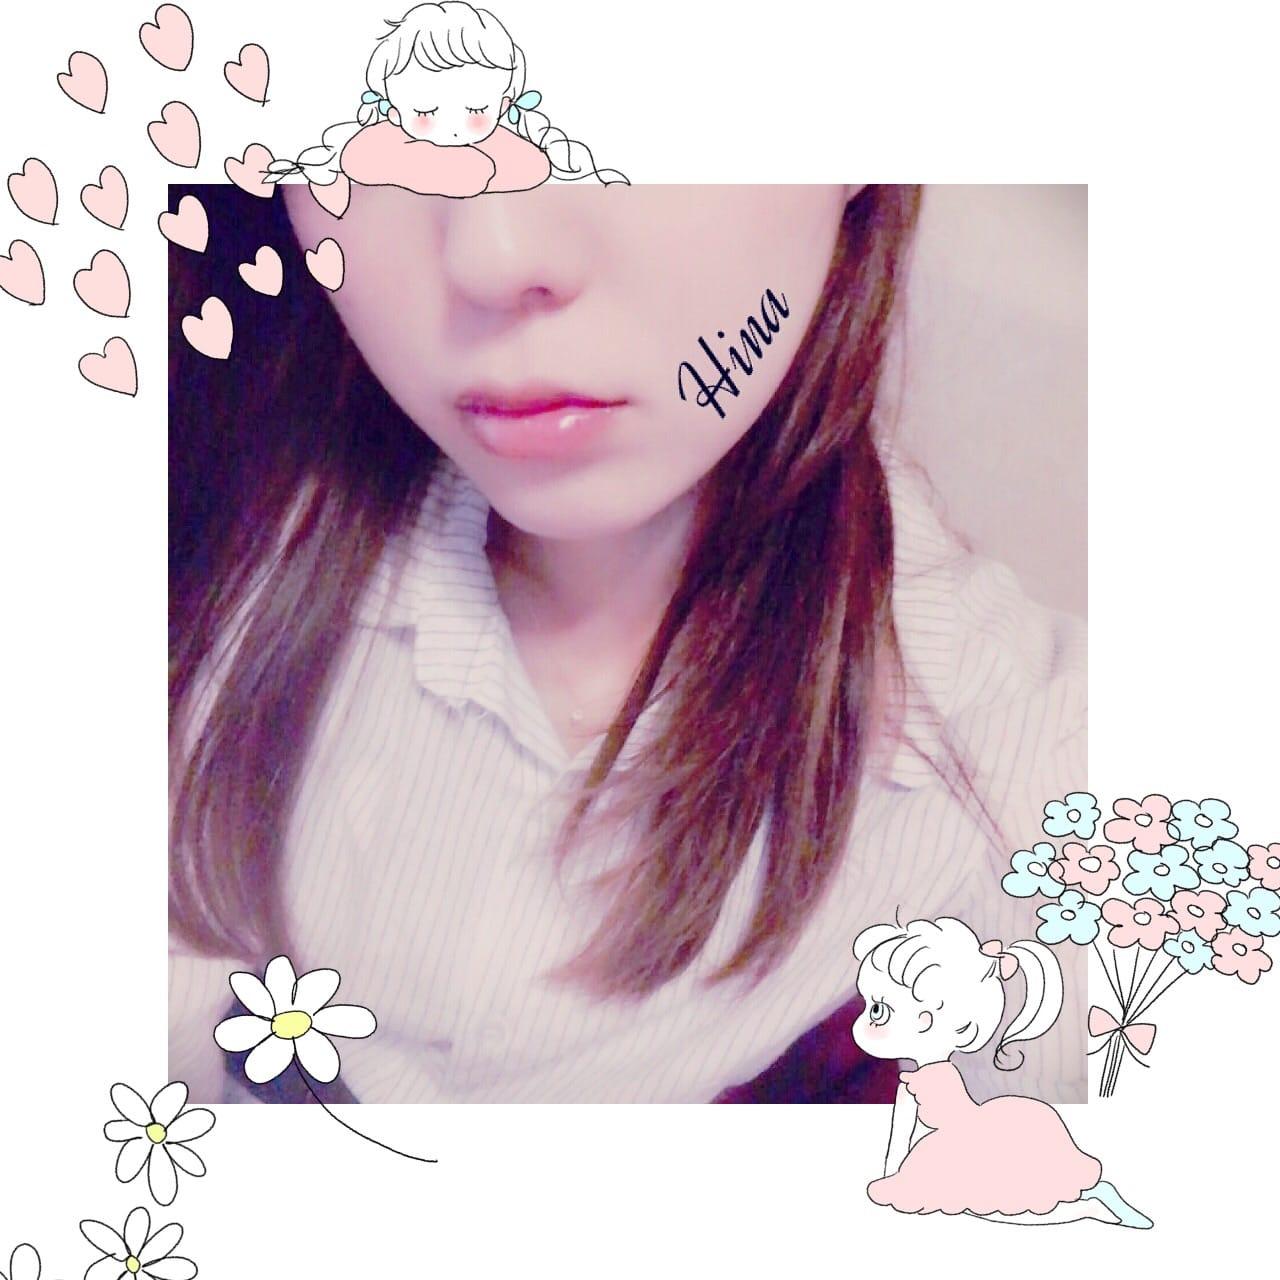 「✧*。٩(ˊωˋ*)و✧*。」09/29(09/29) 16:54   Hina-ひな-の写メ・風俗動画